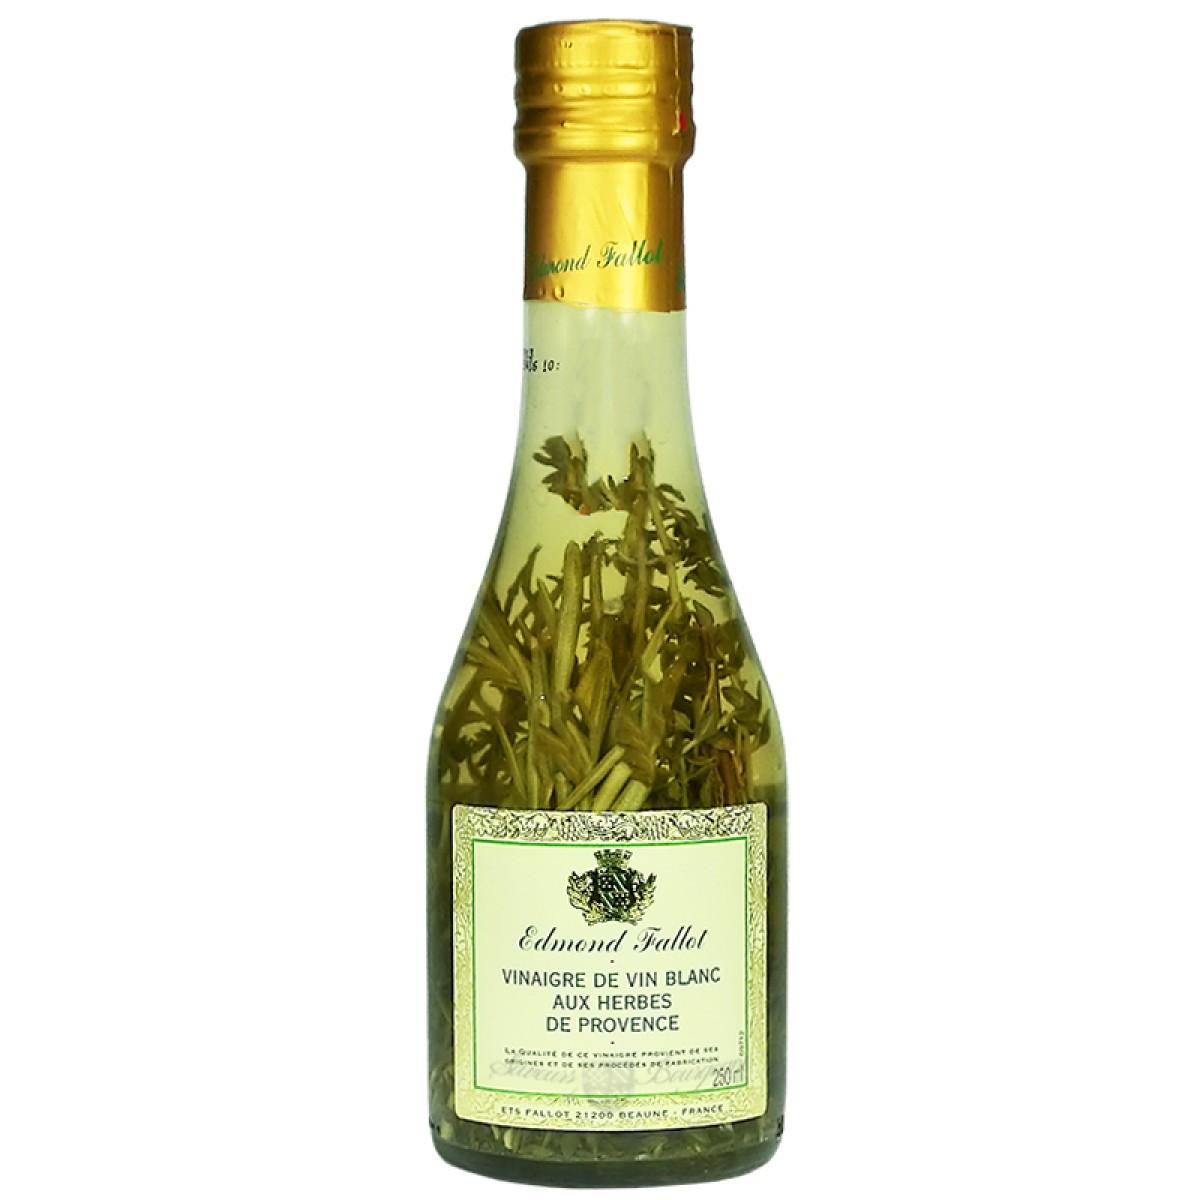 Vinaigre de vin blanc aux herbes de provences 250ml fallot saveurs de bourg - Moutarde fallot vente ...